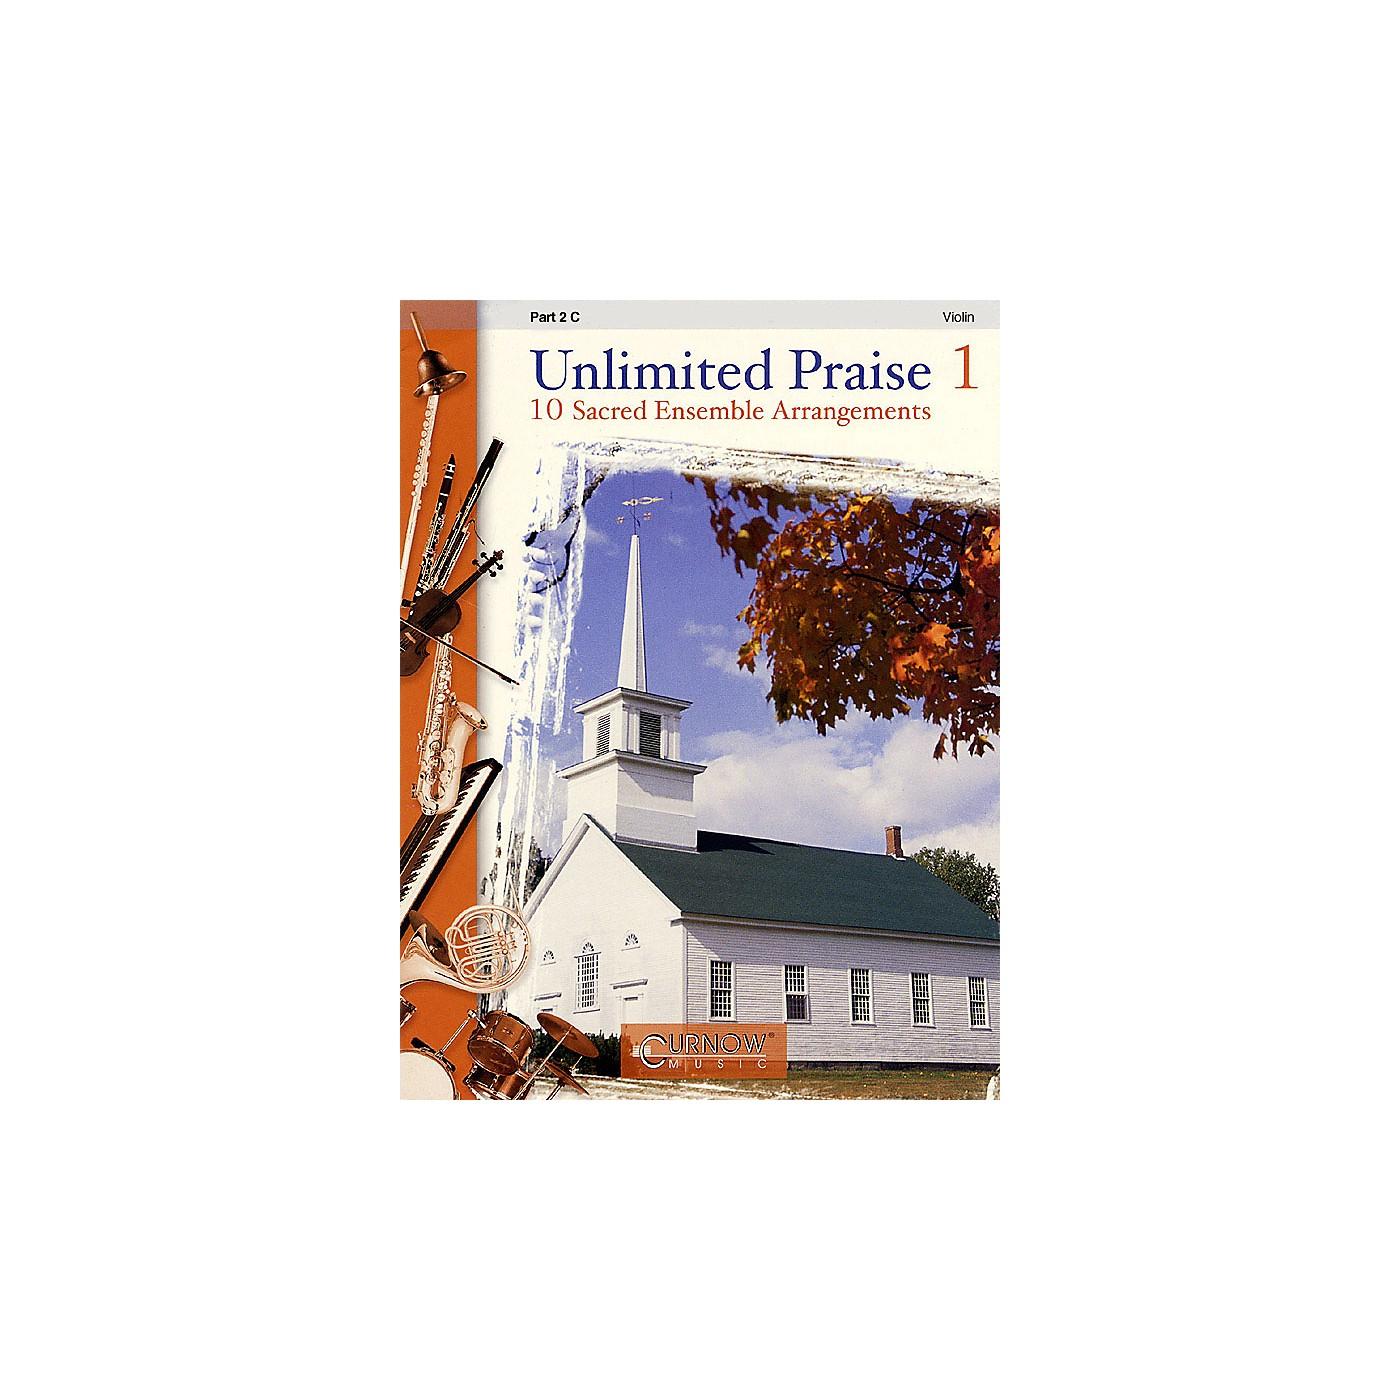 Curnow Music Unlimited Praise (Part 2 - C Instruments) Concert Band Level 2-4 thumbnail